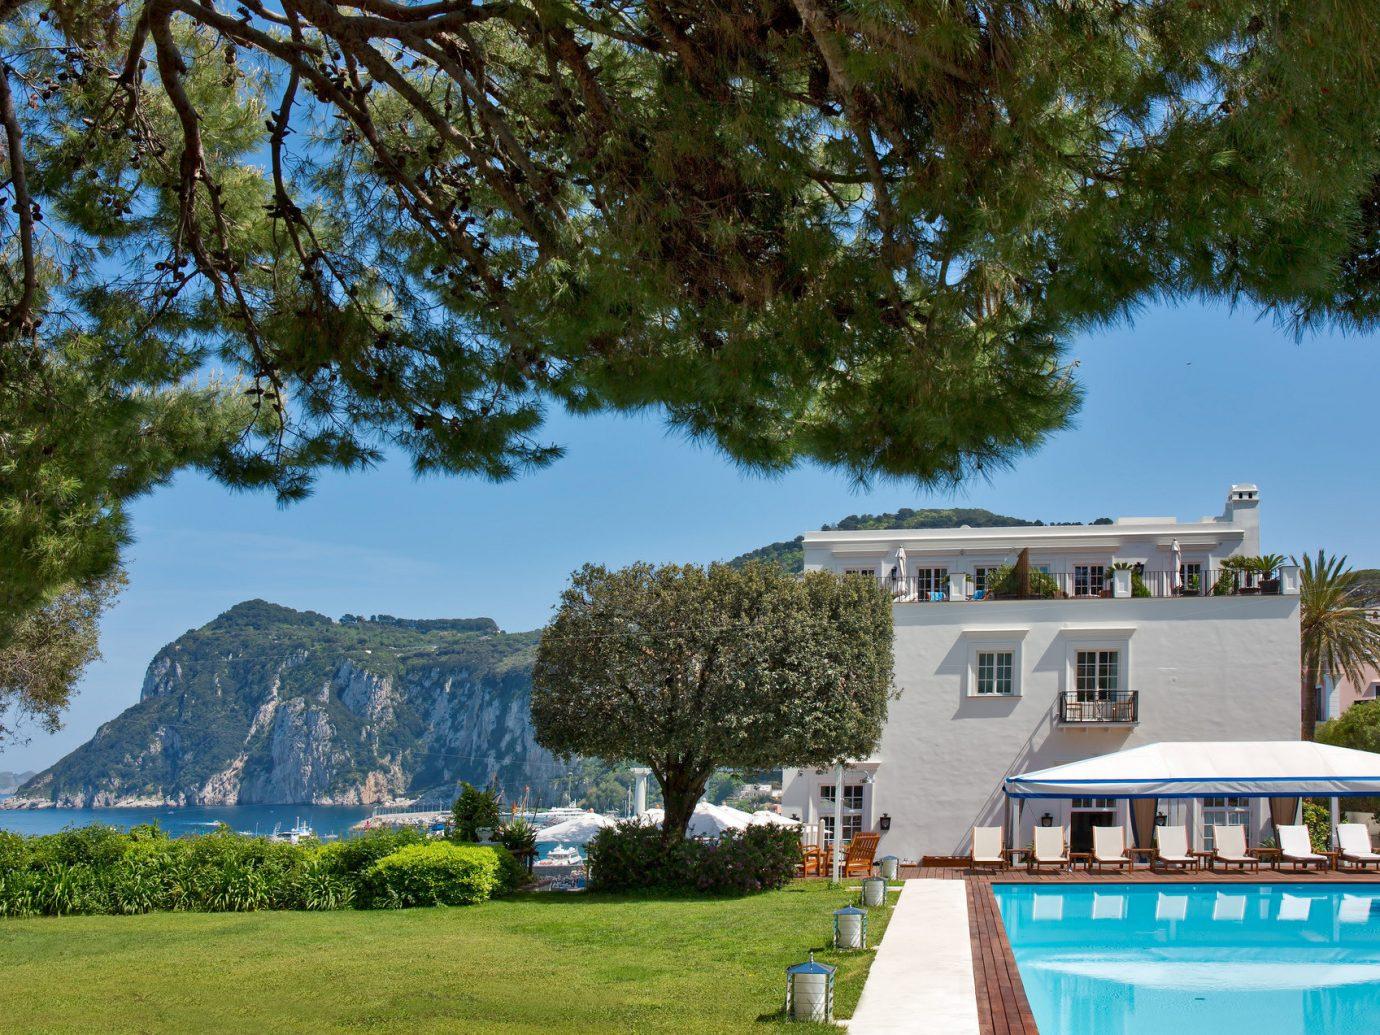 Pool at J.K. Place Capri